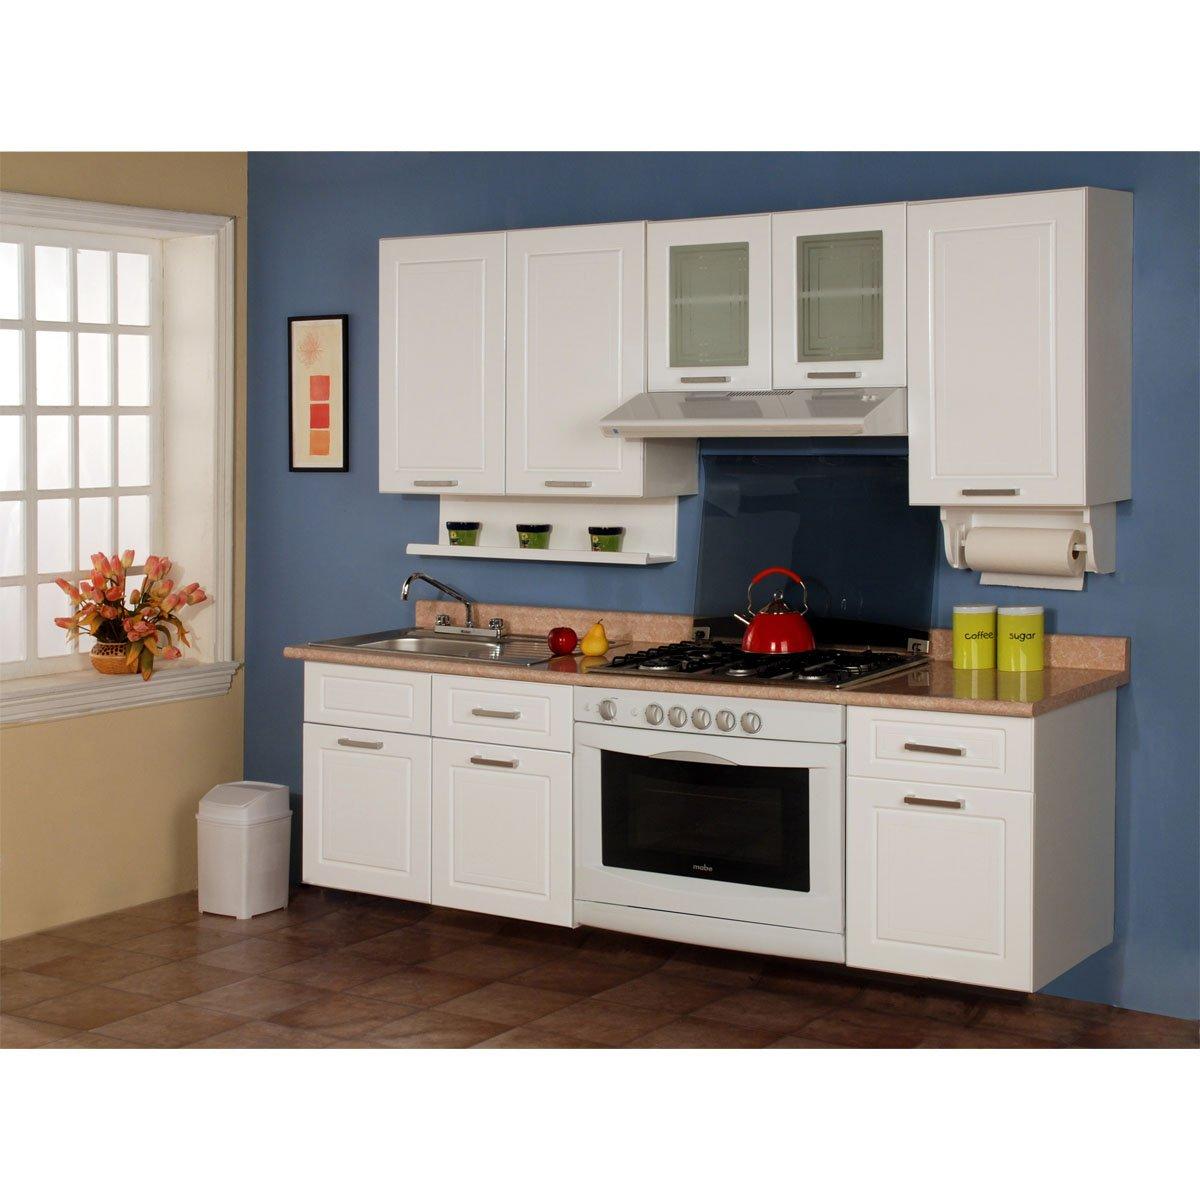 Cocina bolgheri horno derecho medida mts sears com for Cocinas precios y modelos